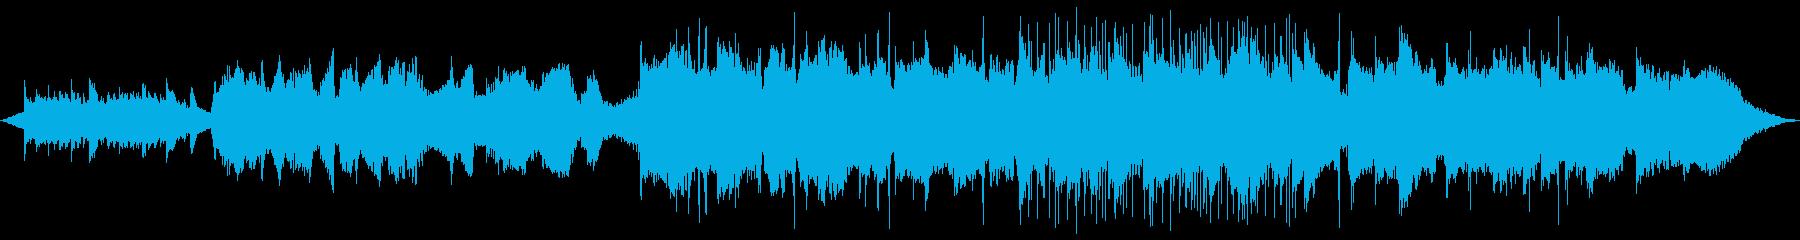 フルート&ギターの安らぎBGMの再生済みの波形